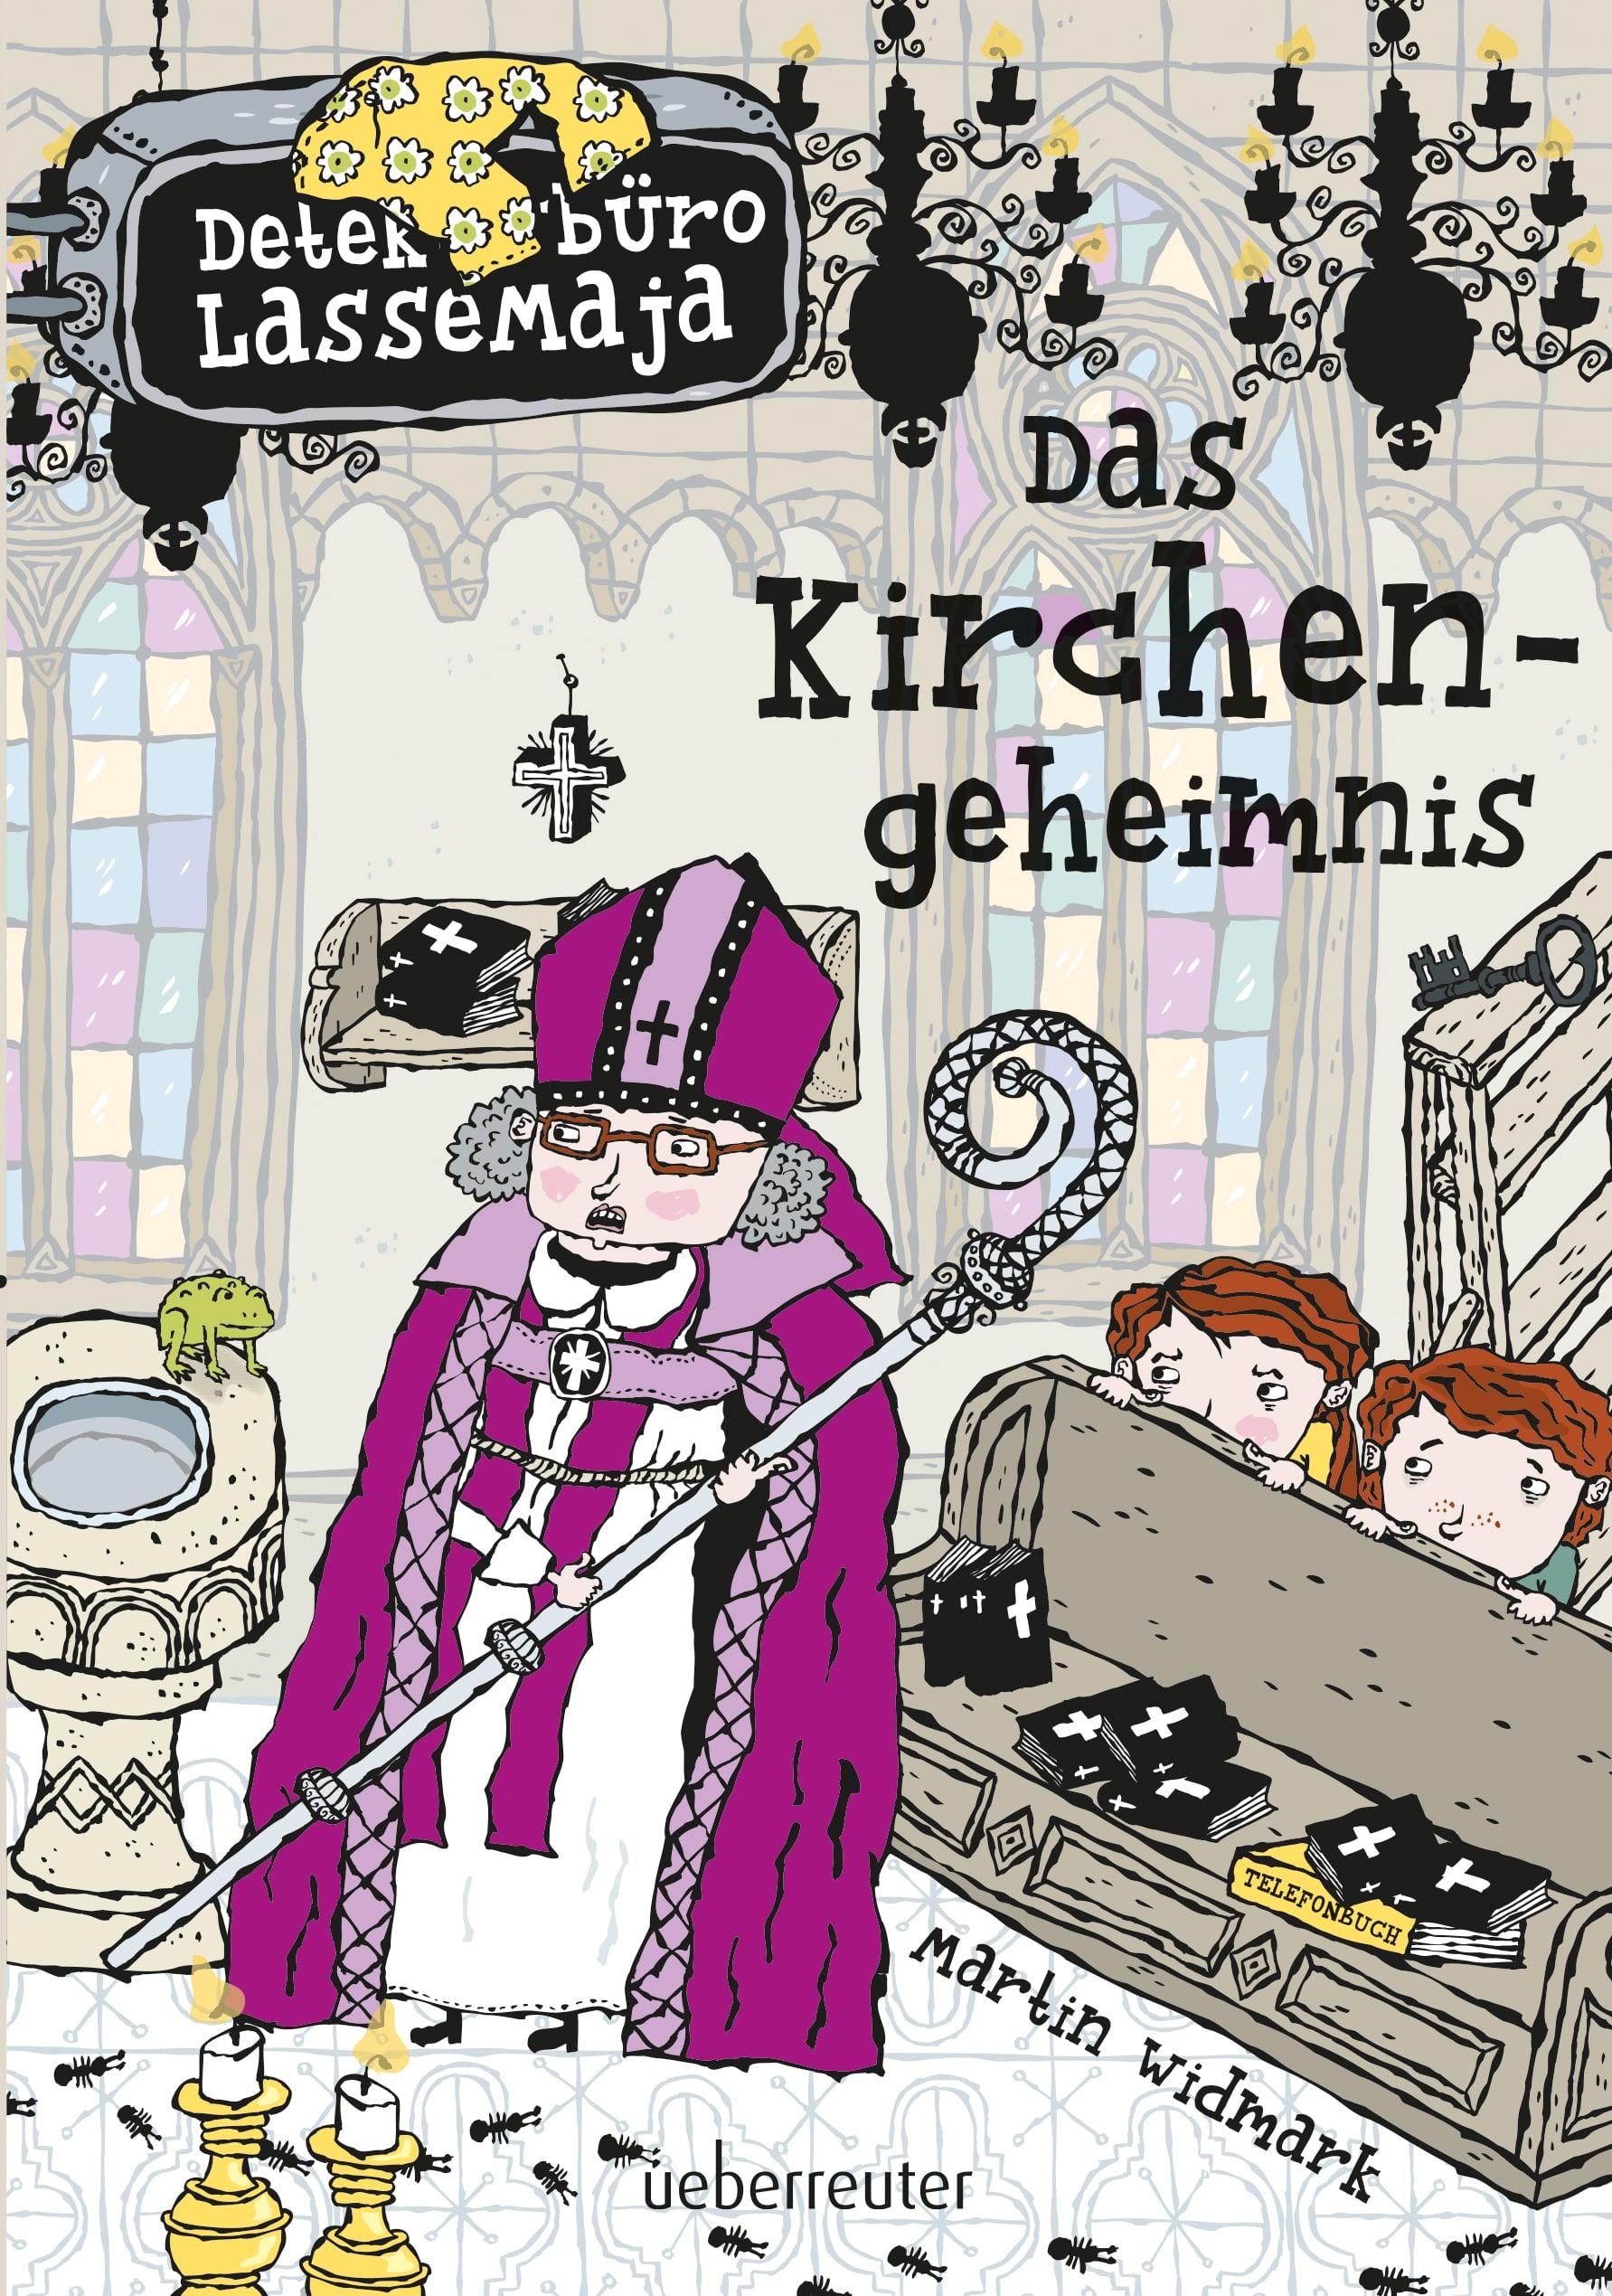 Detektivbüro LasseMaja – Das Kirchengeheimnis